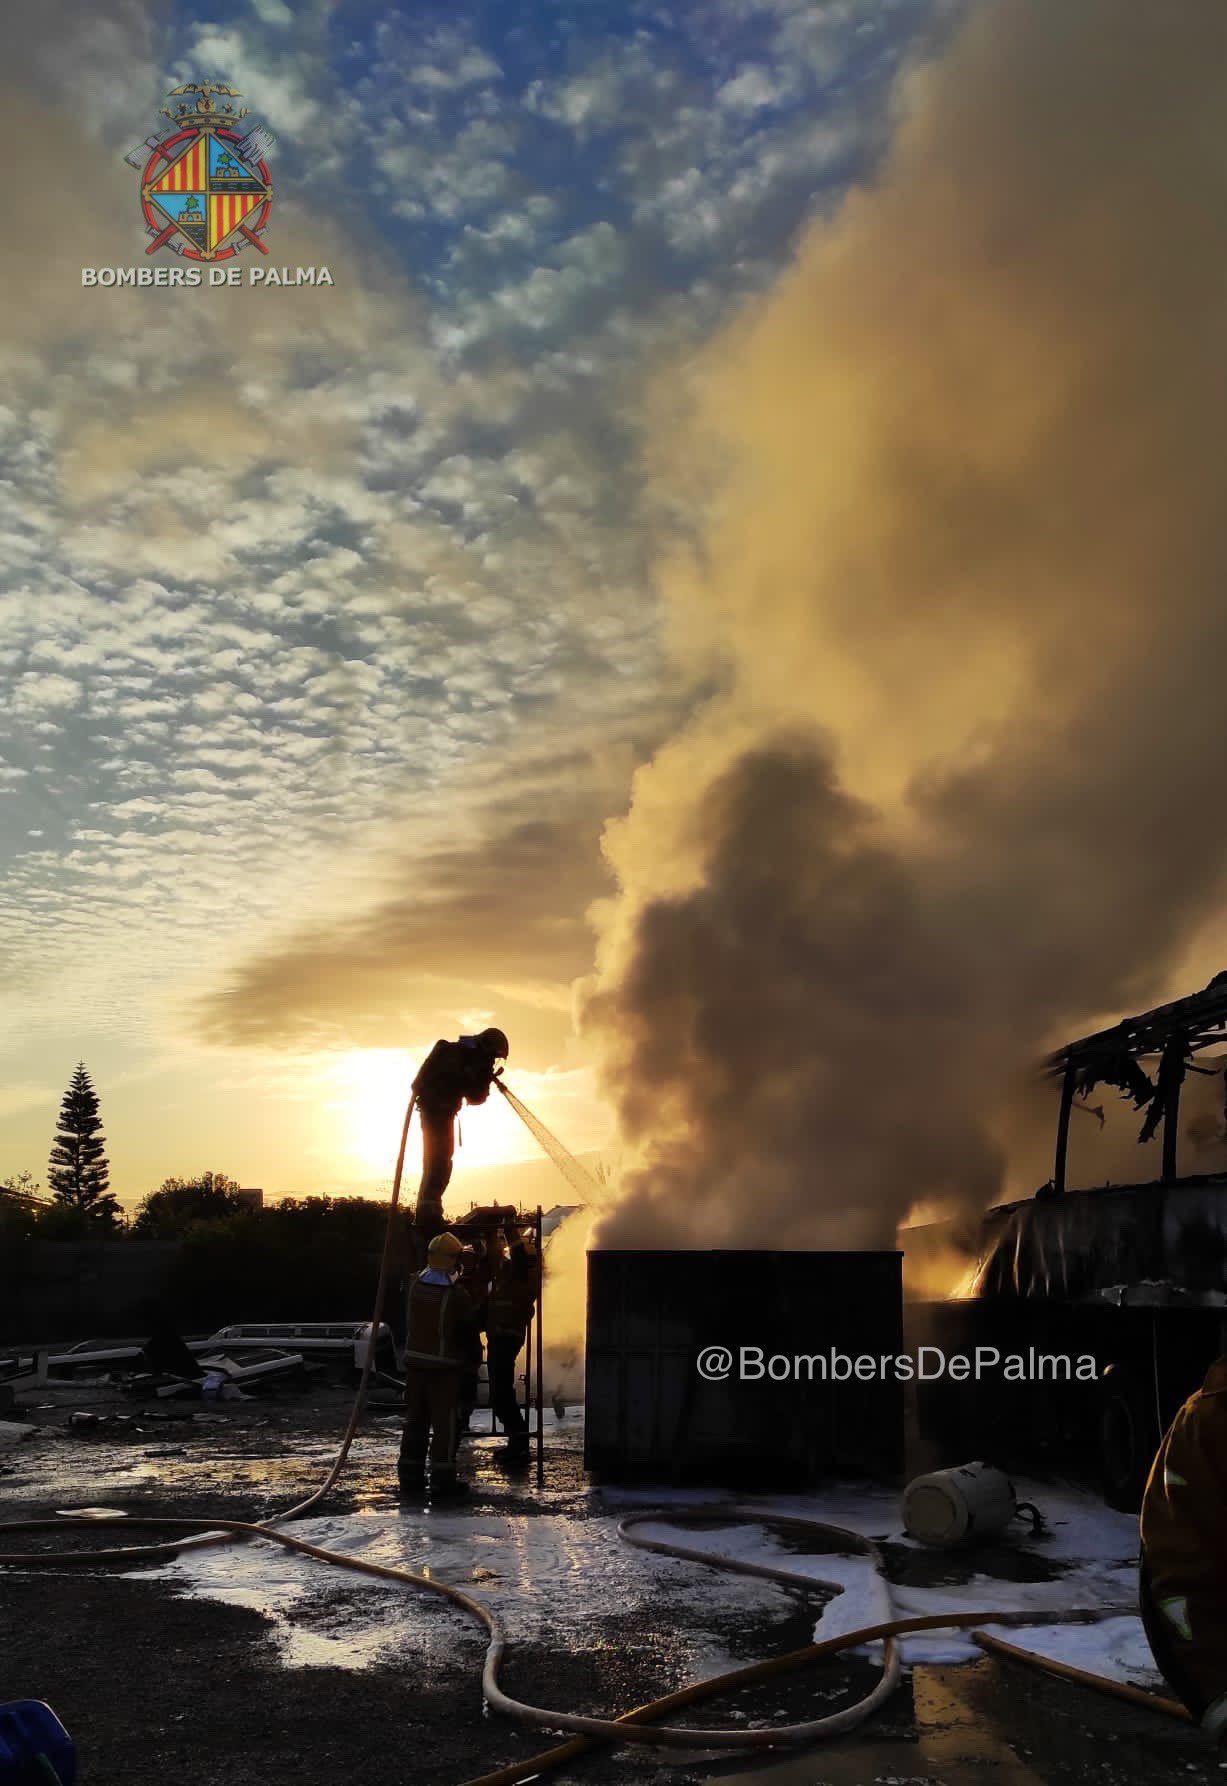 Los Bomberos de Palma extingue el incendio de un autocar abandonado en Camí de Son Palou